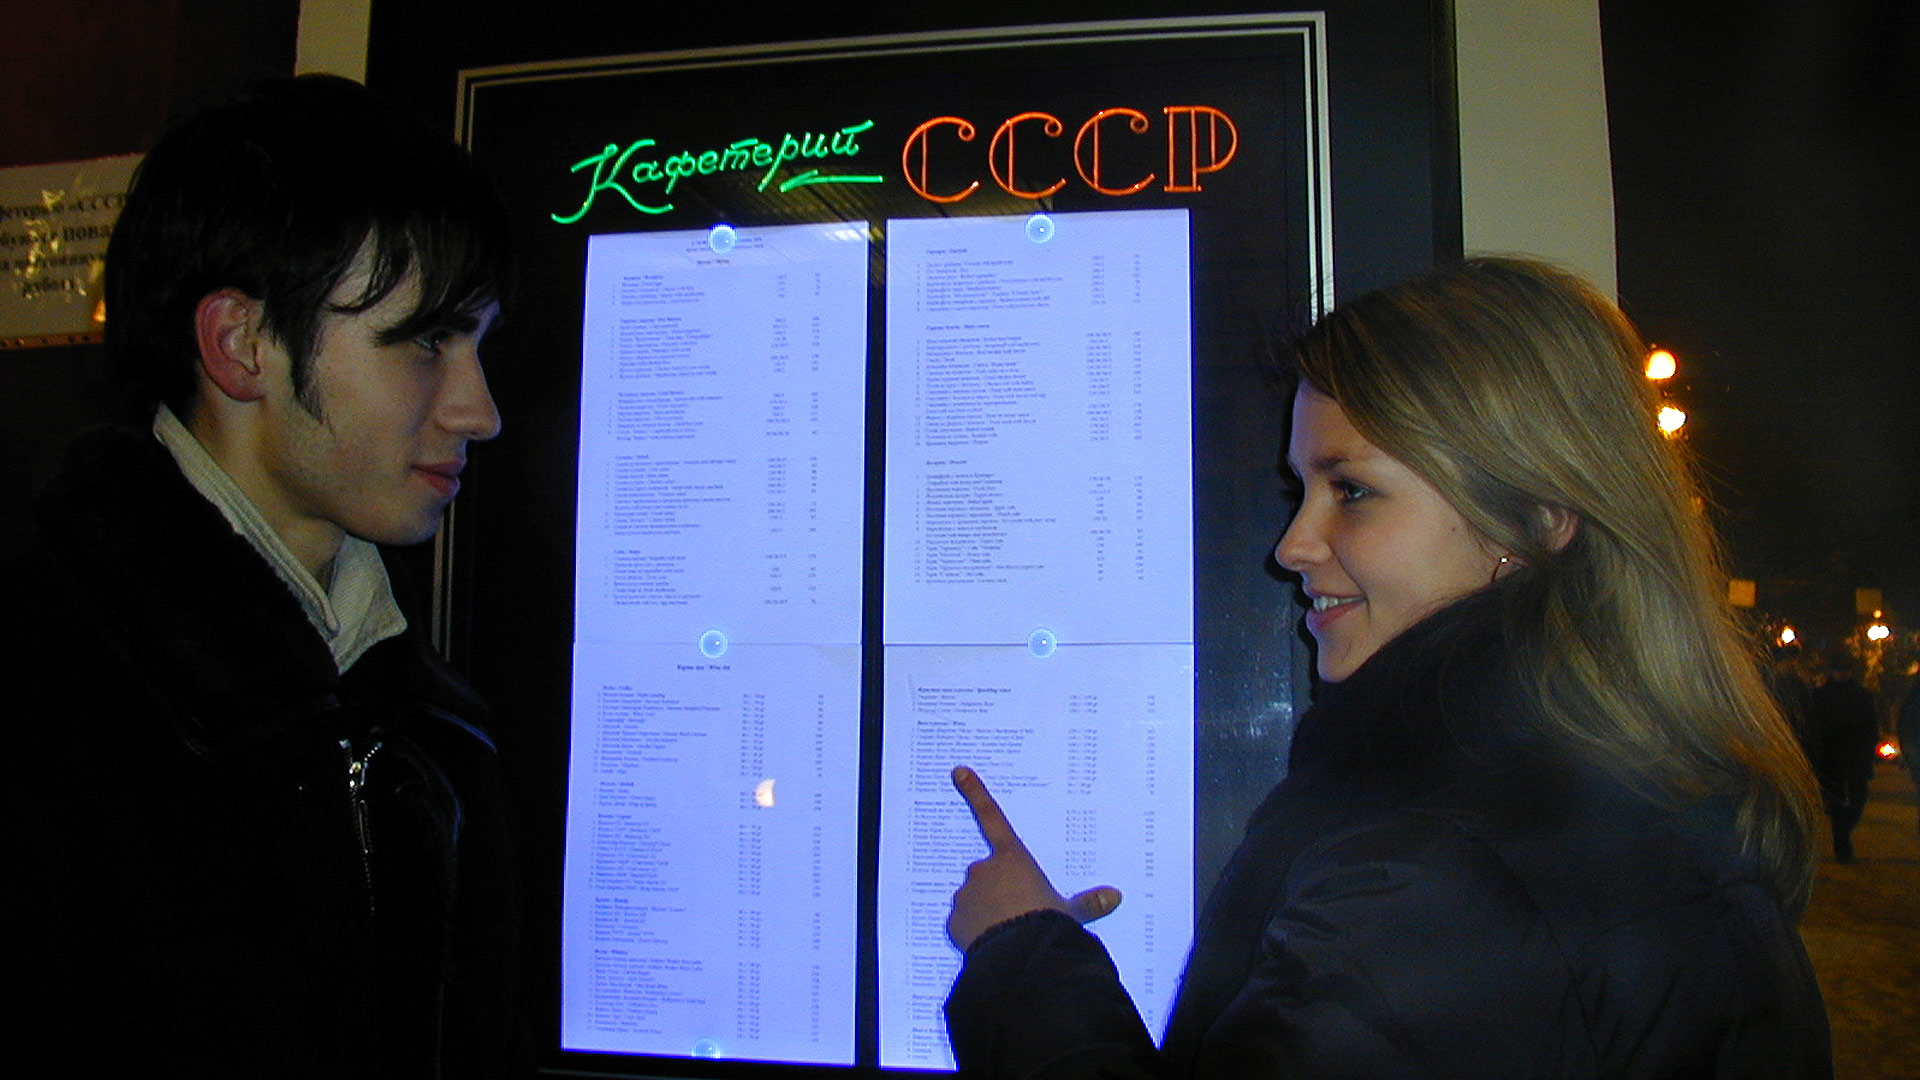 lounas Venäjän kieli orgie